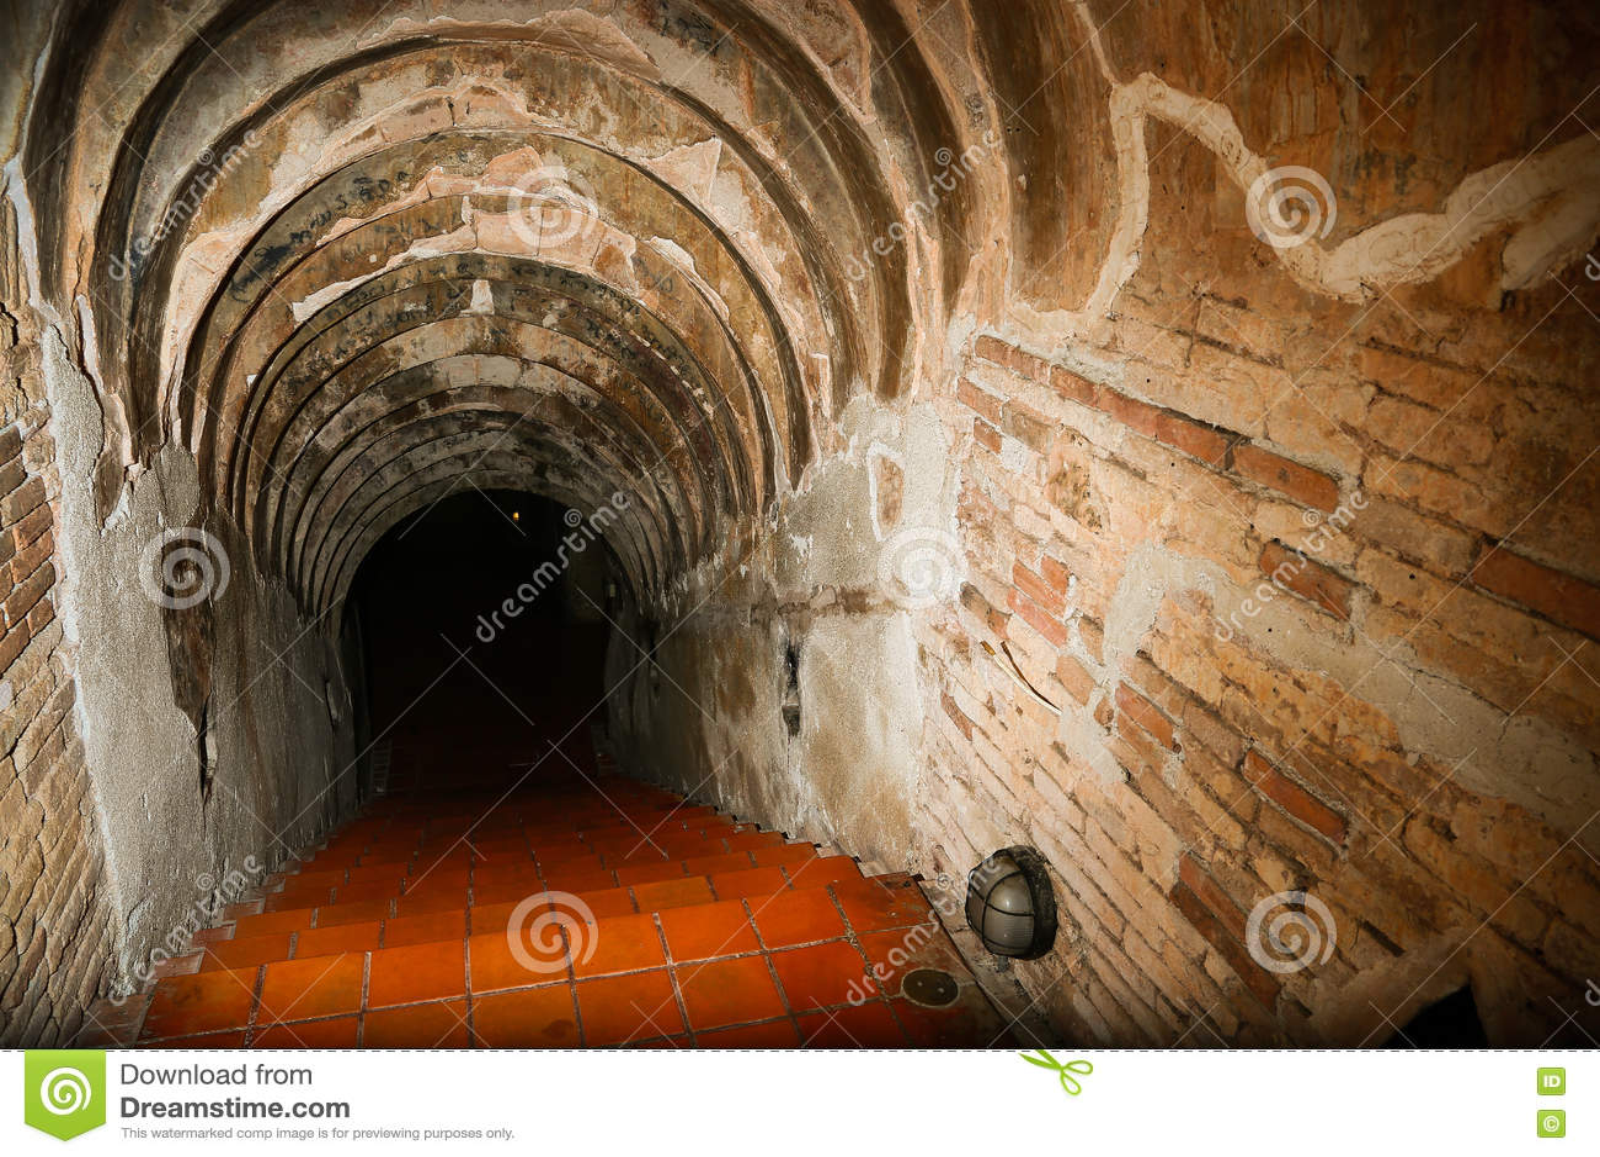 Download Предпосылка тоннеля и концепция дела тоннель с старым кирпичом конец тоннеля и дела концепции успешно тоннель тайны Стоковое Изображение - изображение насчитывающей railway, наведенное: 72284853